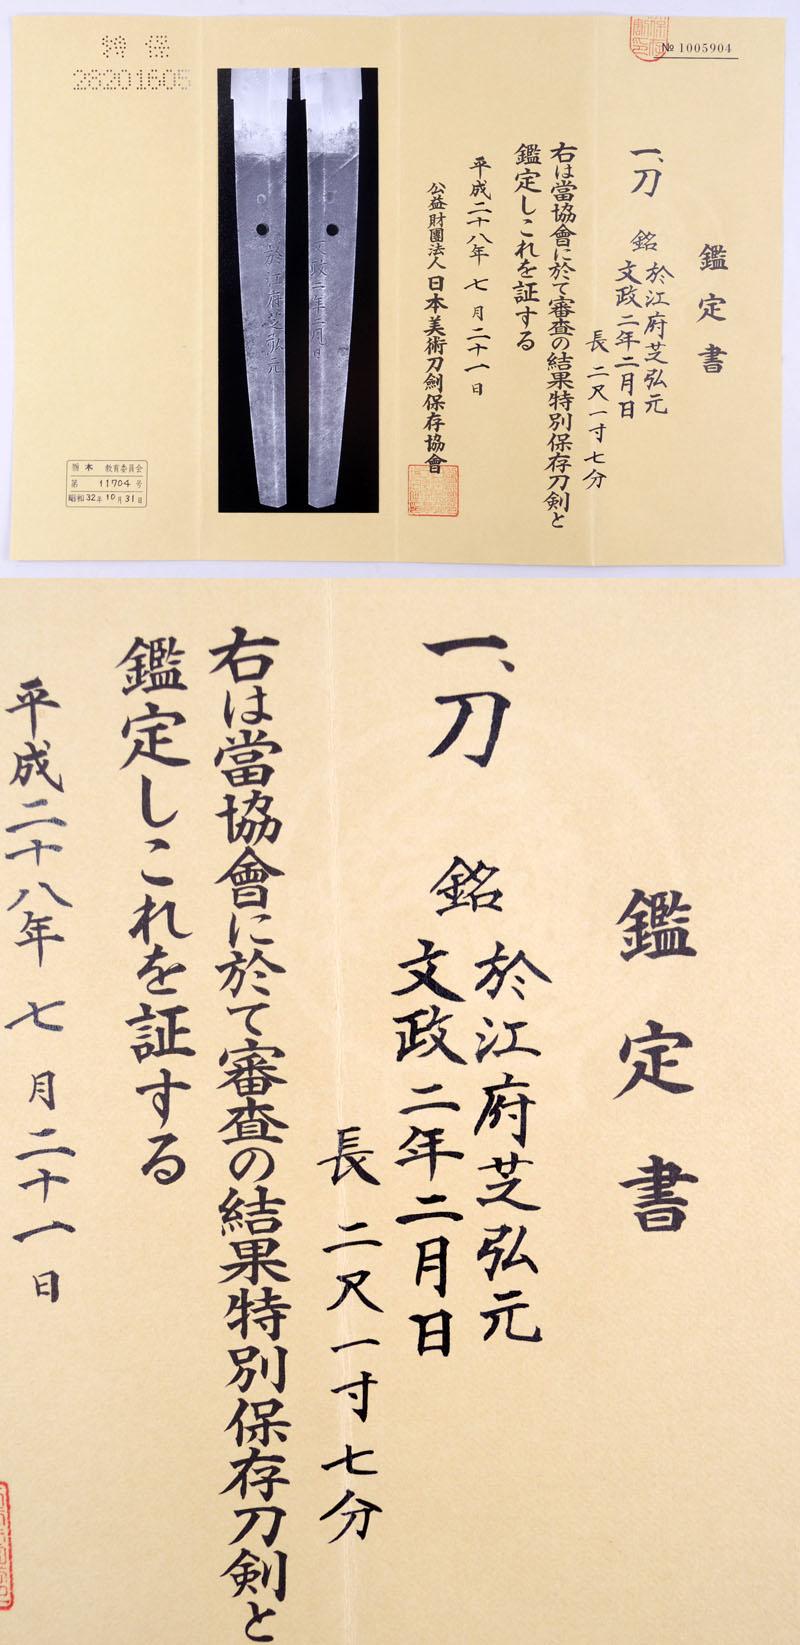 於江府芝弘元(古山弘元) Picture of Certificate